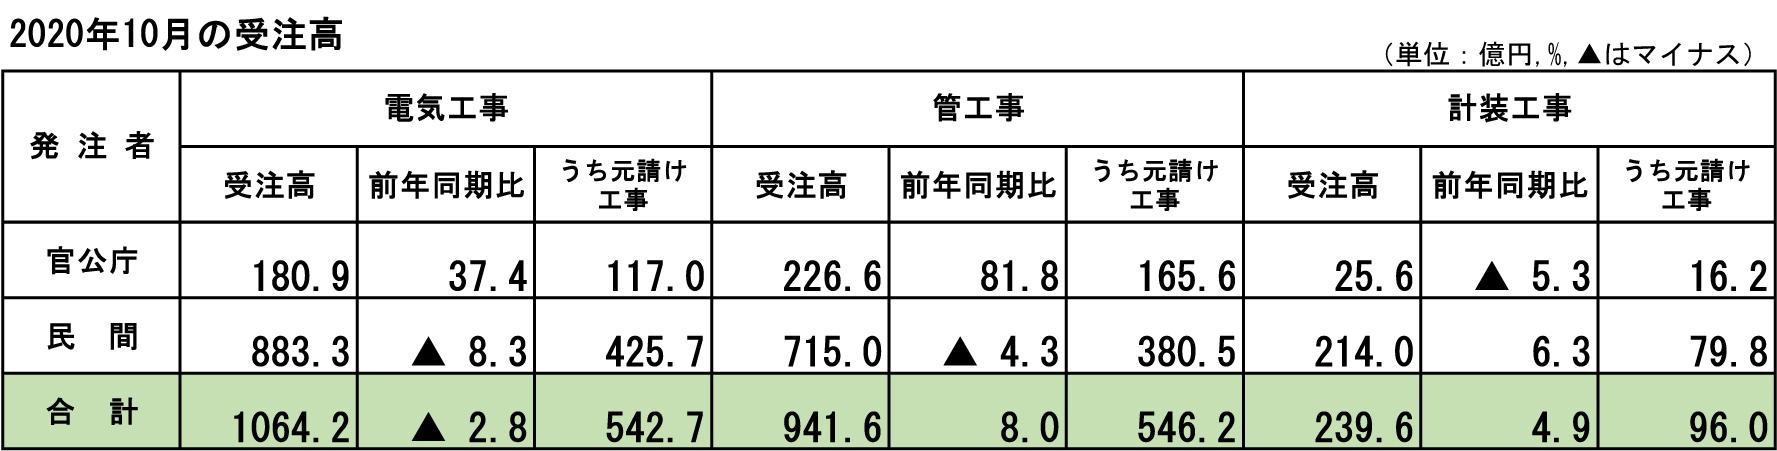 ①-1 2020年10月の受注高